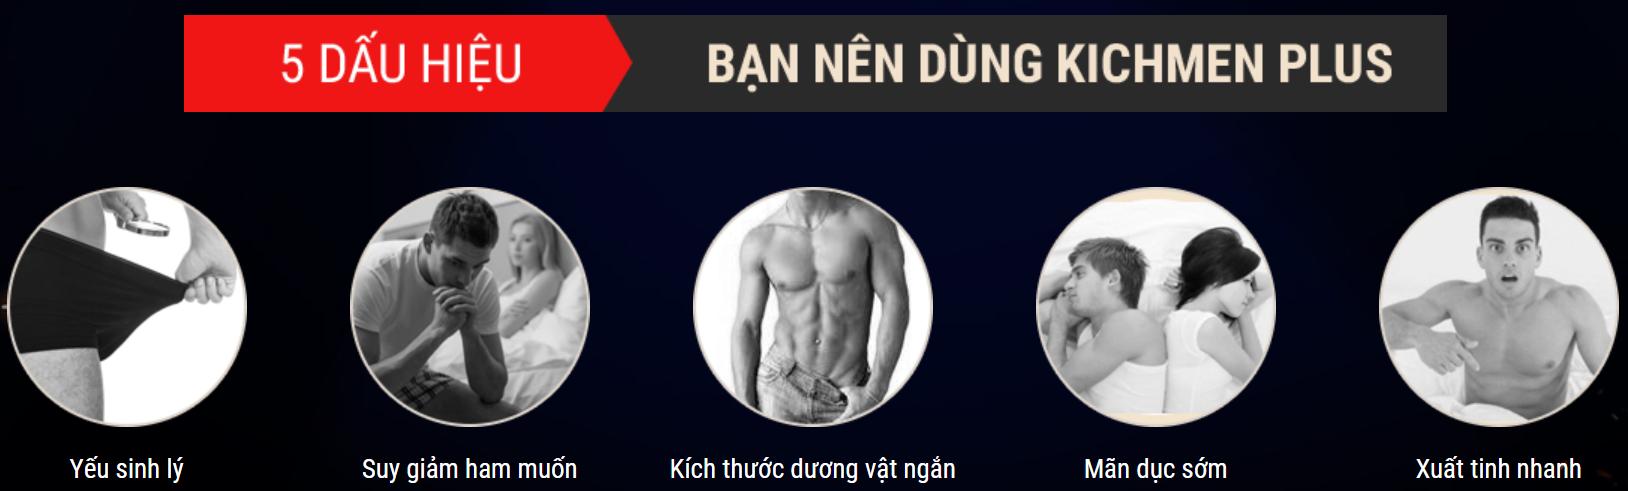 thuoc-tang-cuong-sinh-ly-nam-dau-hieu